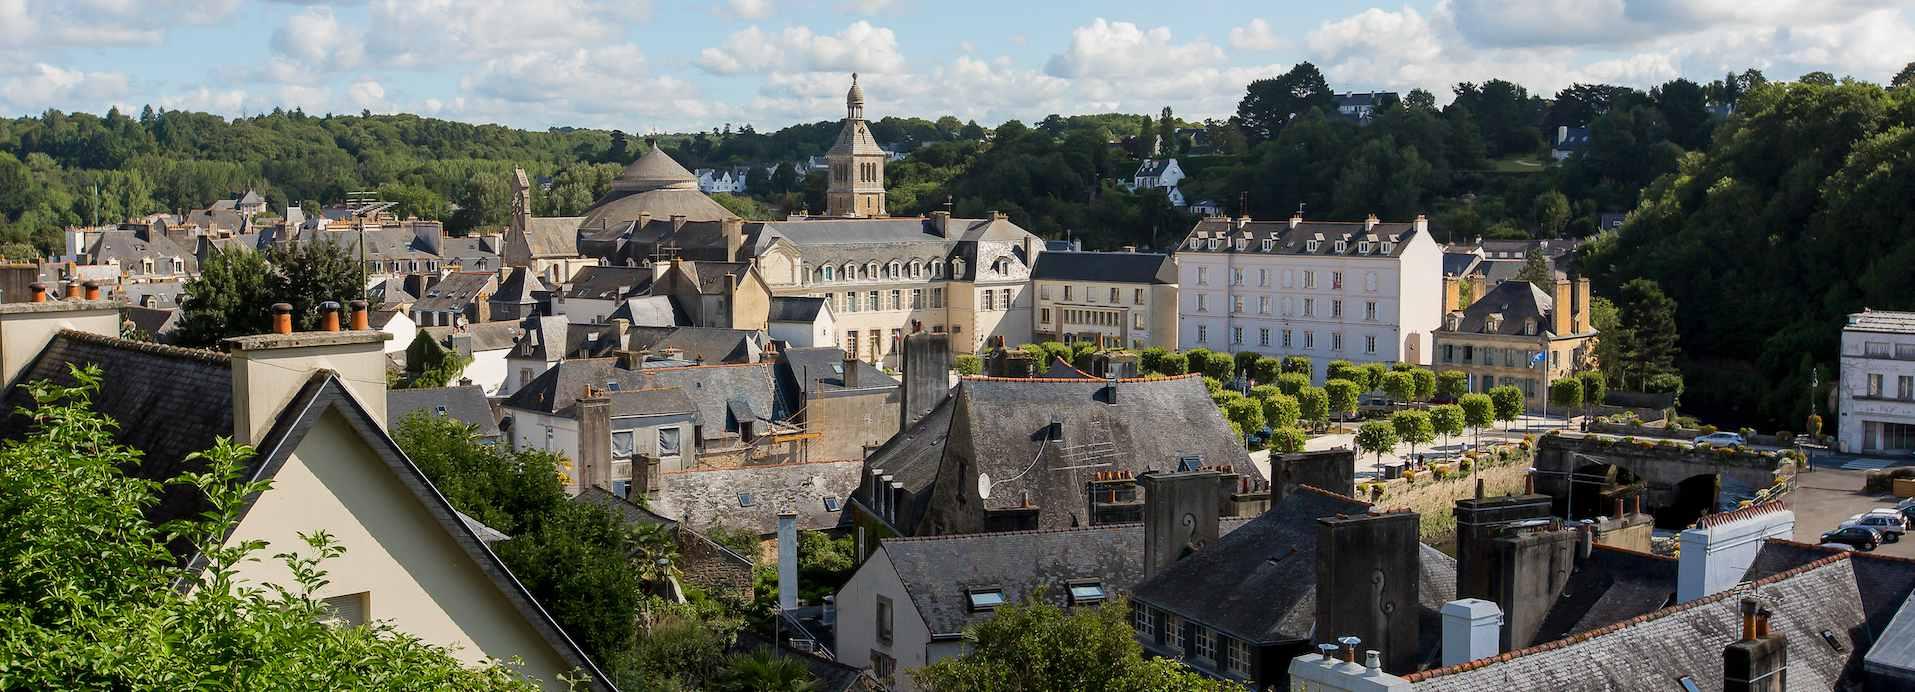 Quimperlé, porte d'entrée du sud du Finistère